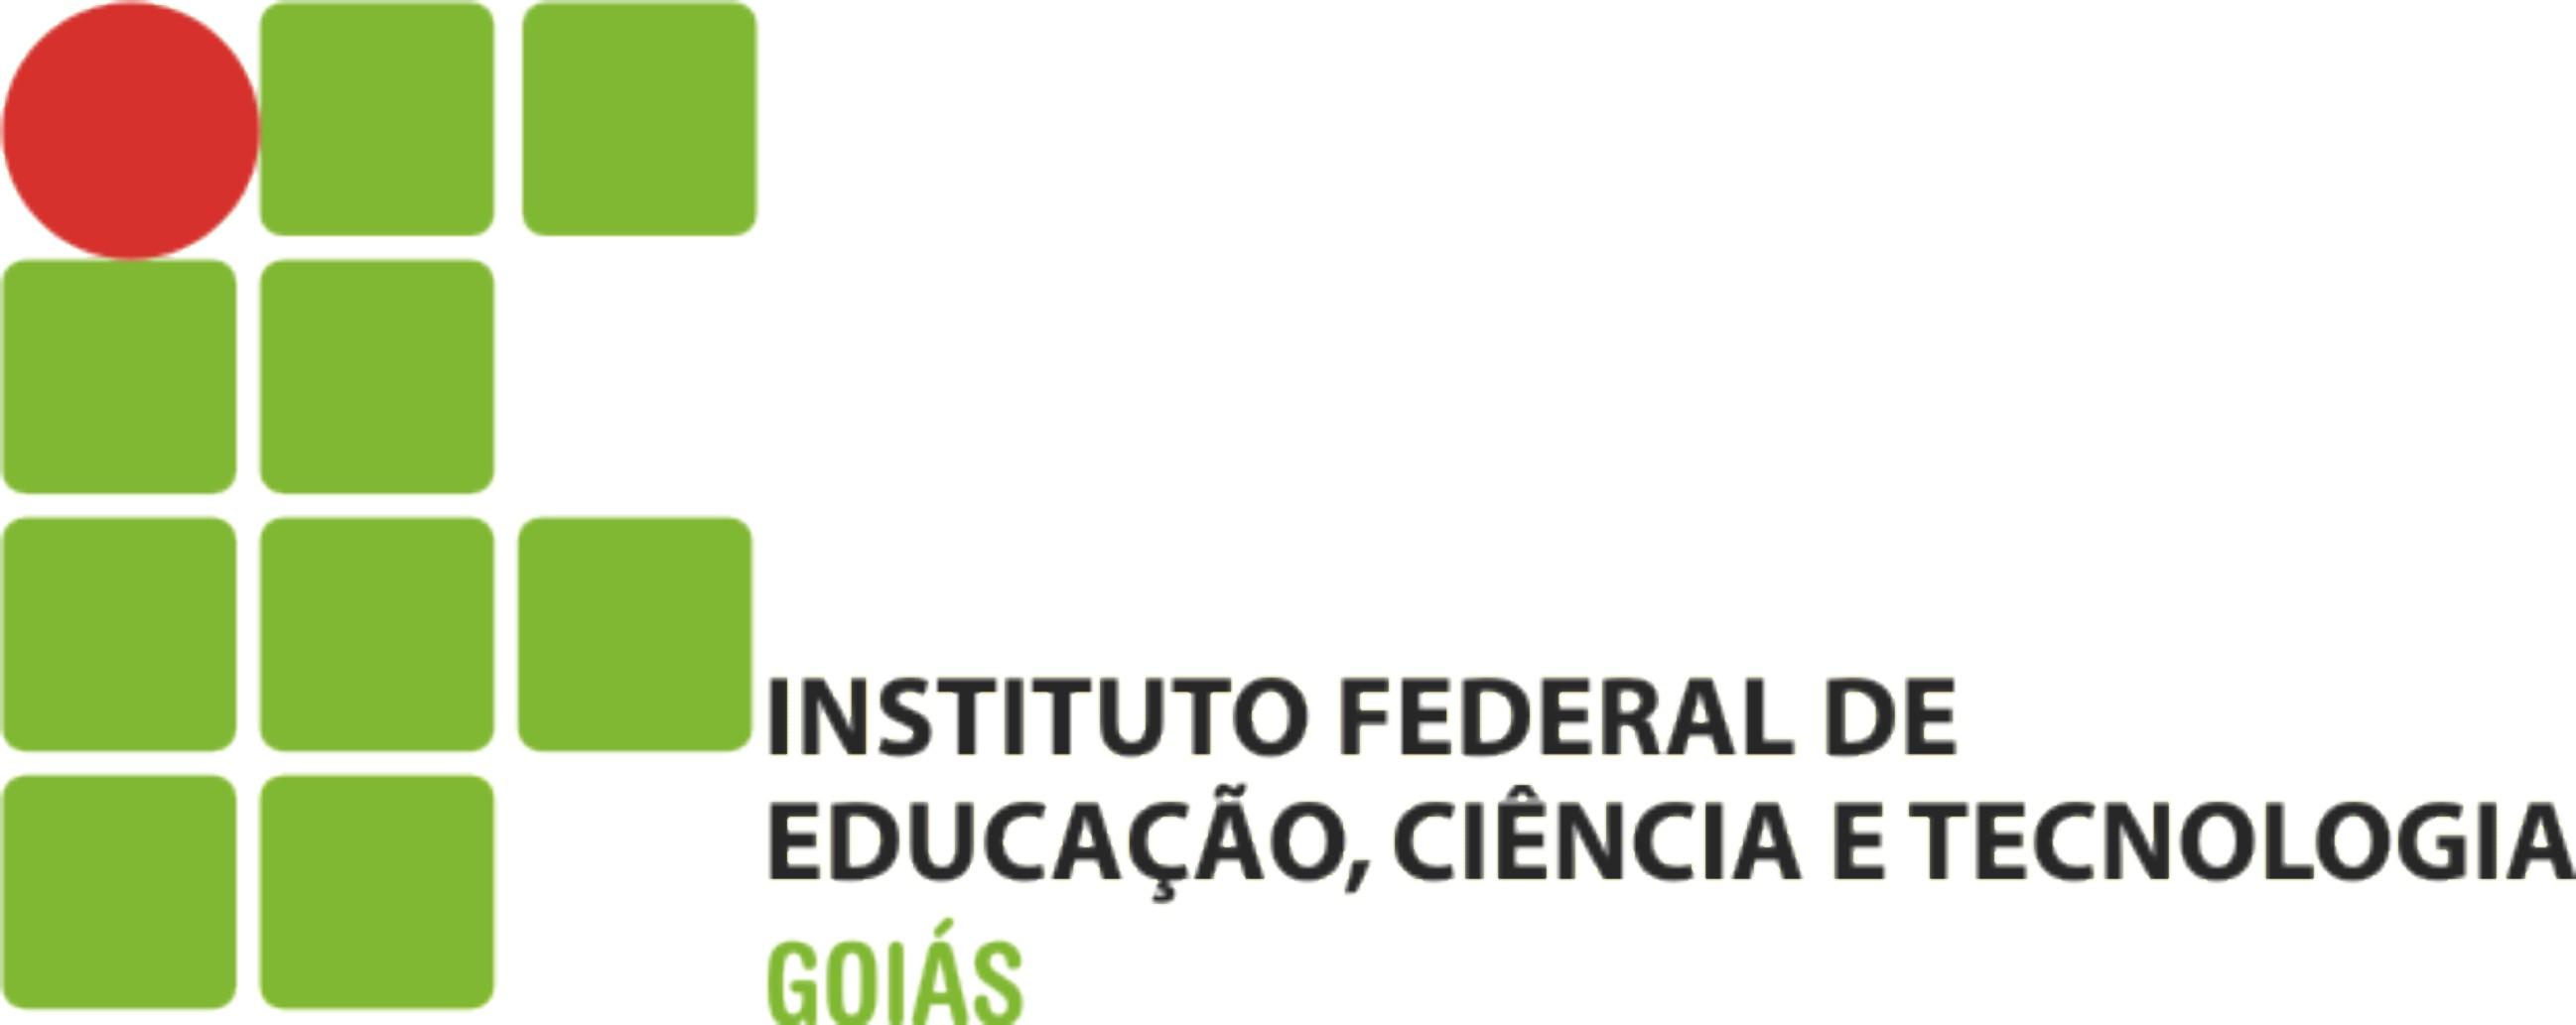 IFG abre inscrições para Vestibular 2020/1